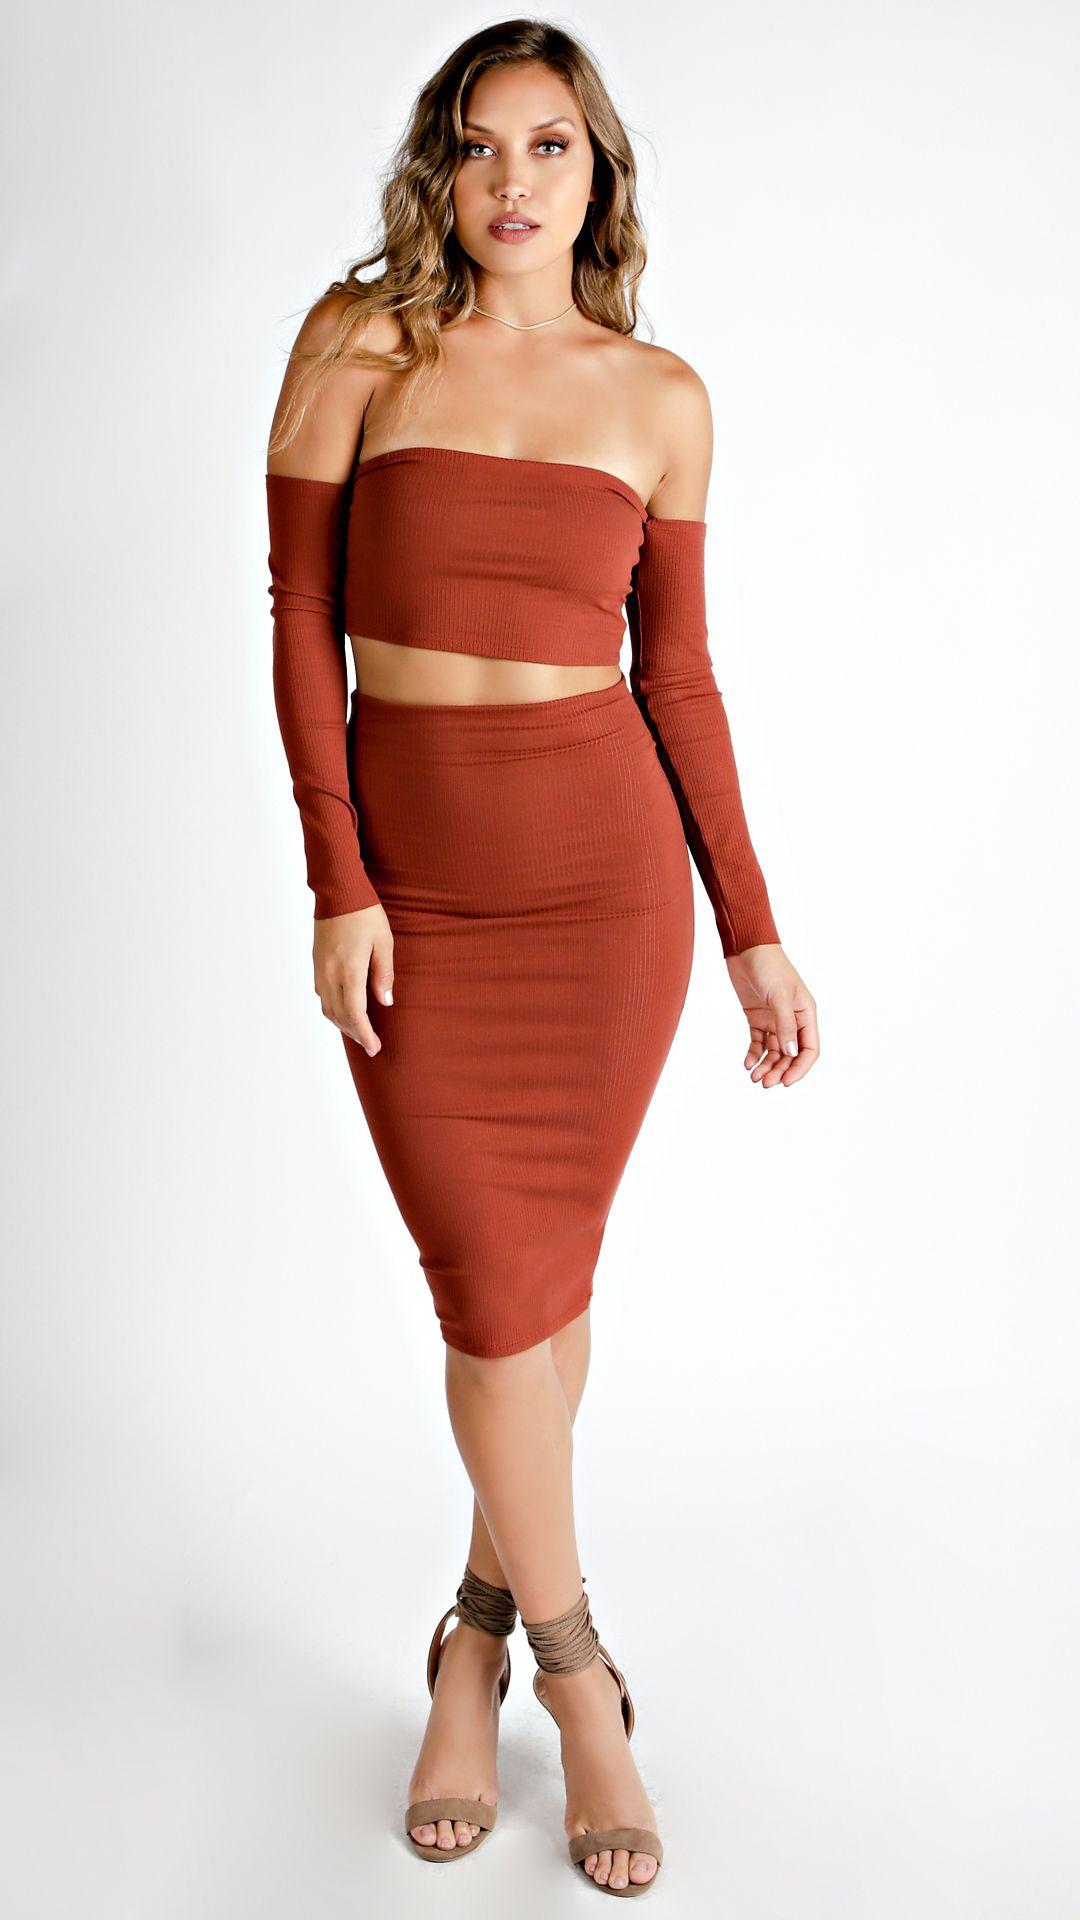 eb6de719cd5 Pencil Skirt Mini Dress